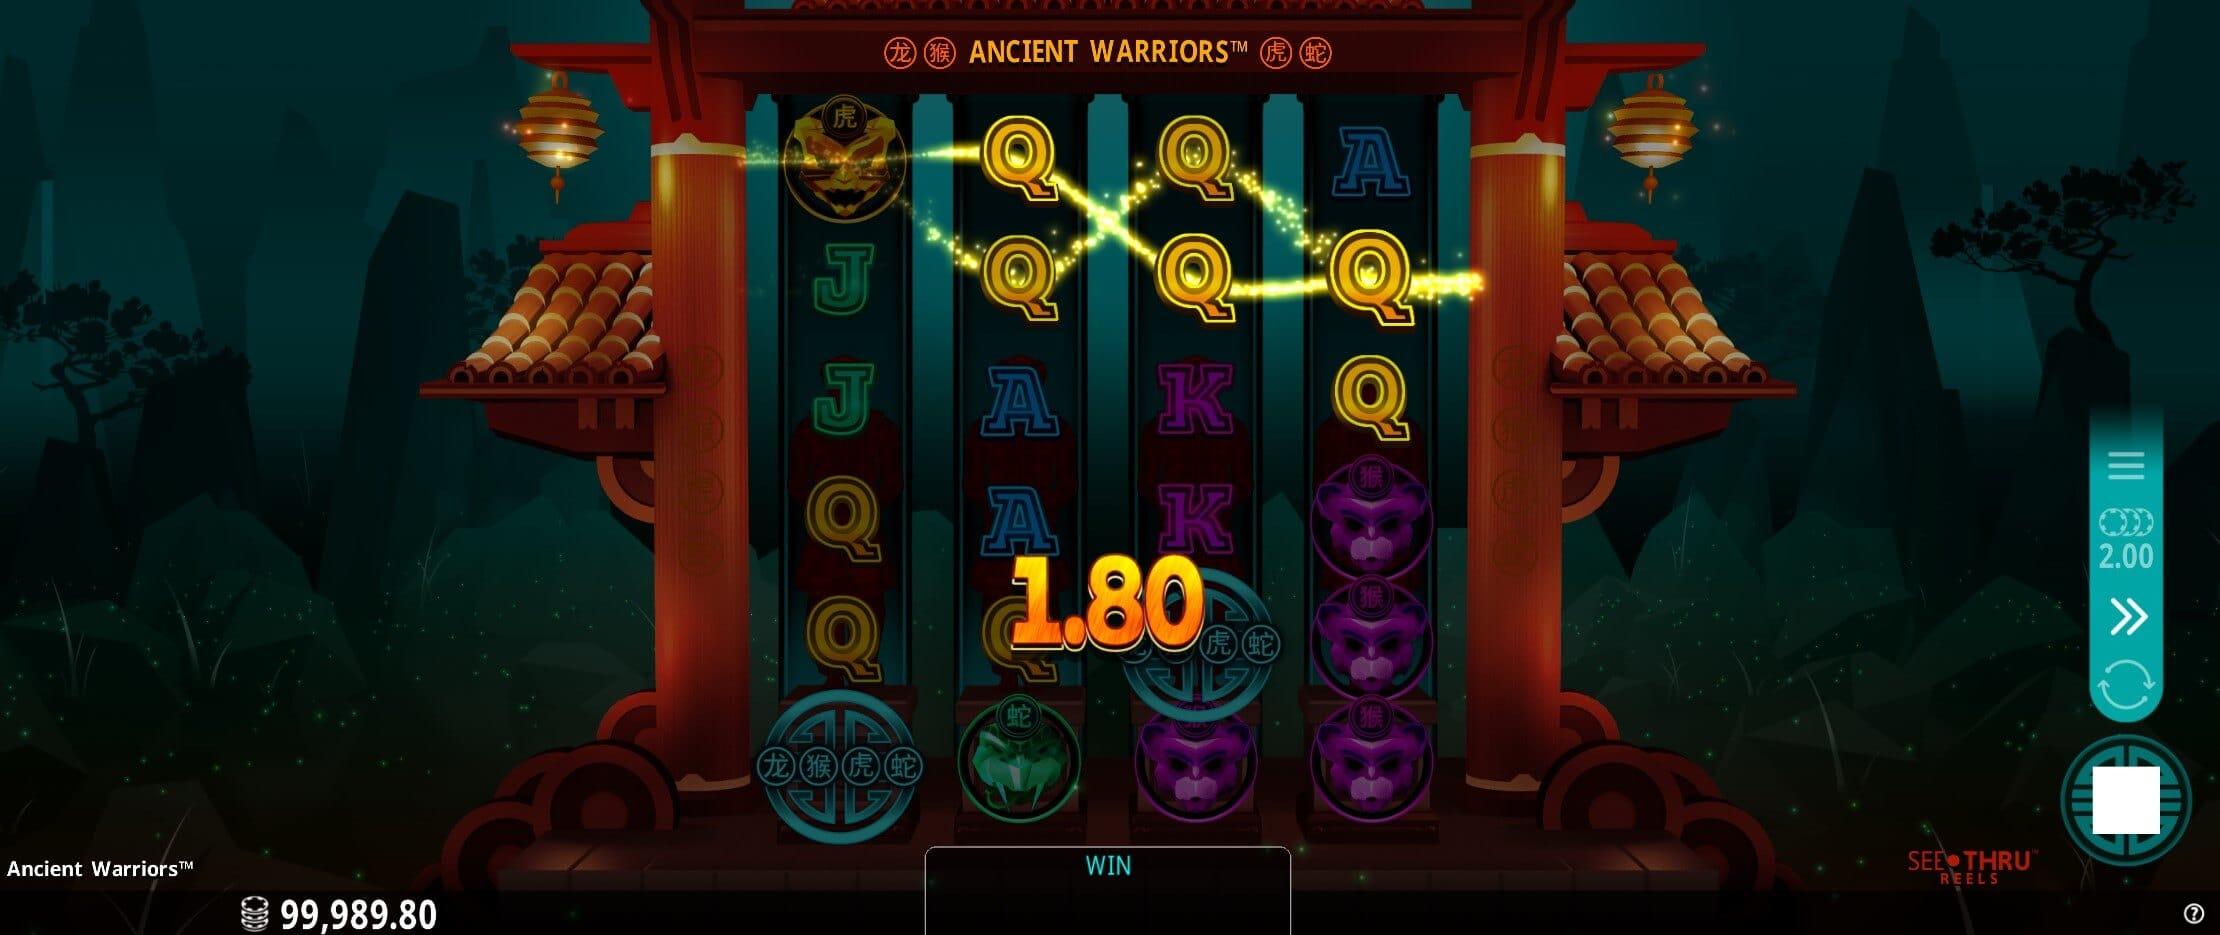 Ancient Warriors Slot Win